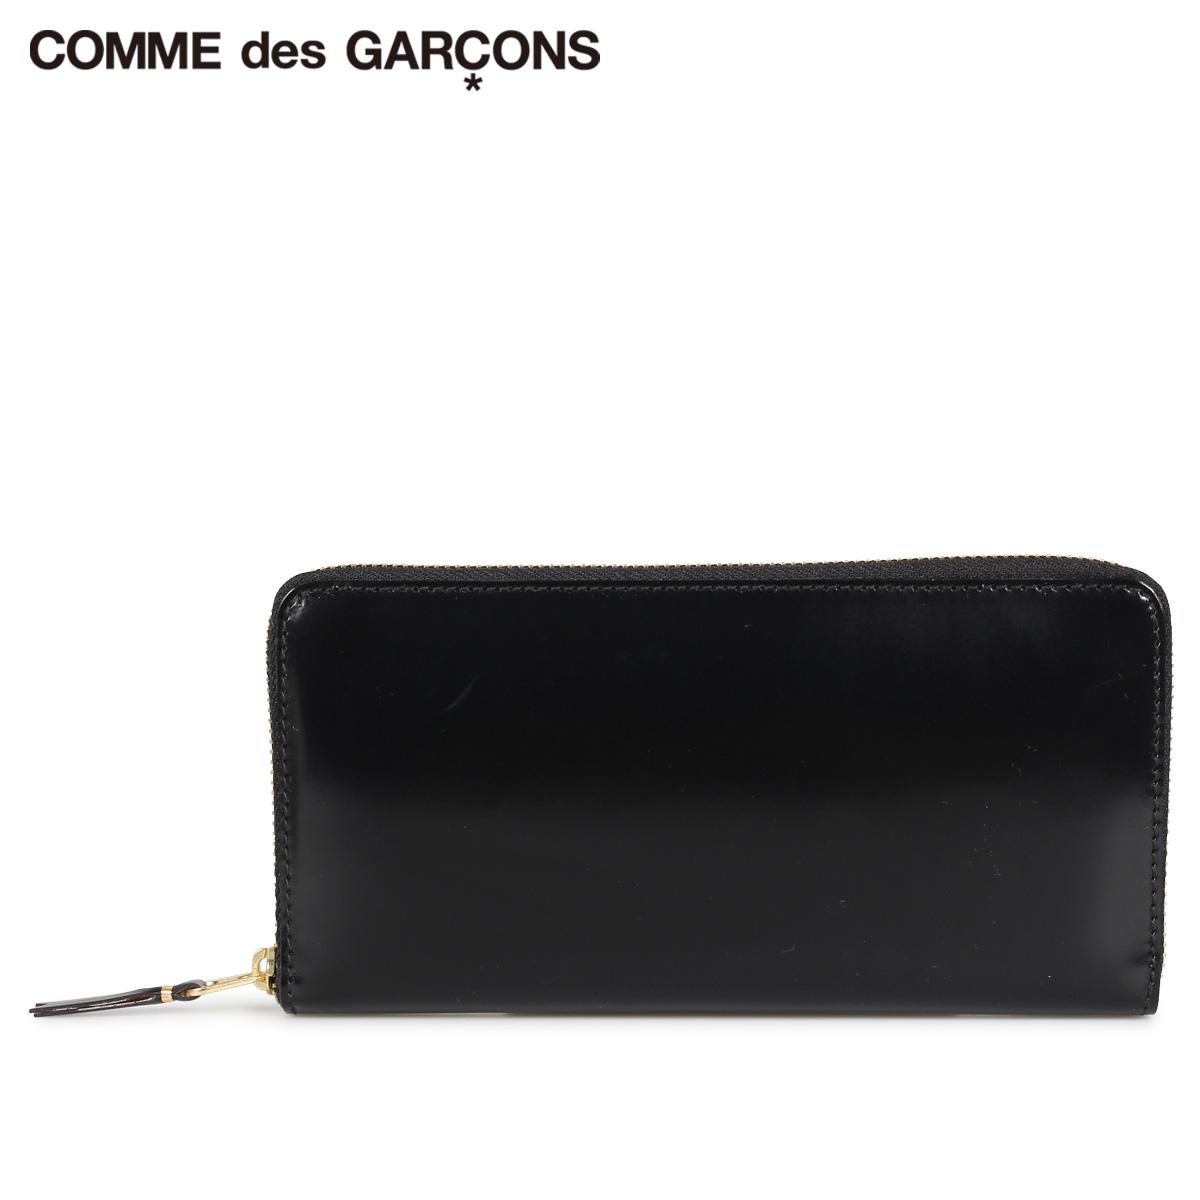 COMME des GARCONS コムデギャルソン 財布 長財布 メンズ レディース ラウンドファスナー 本革 MIRROR INSIDE WALLET ブラック 黒 SA0110MI